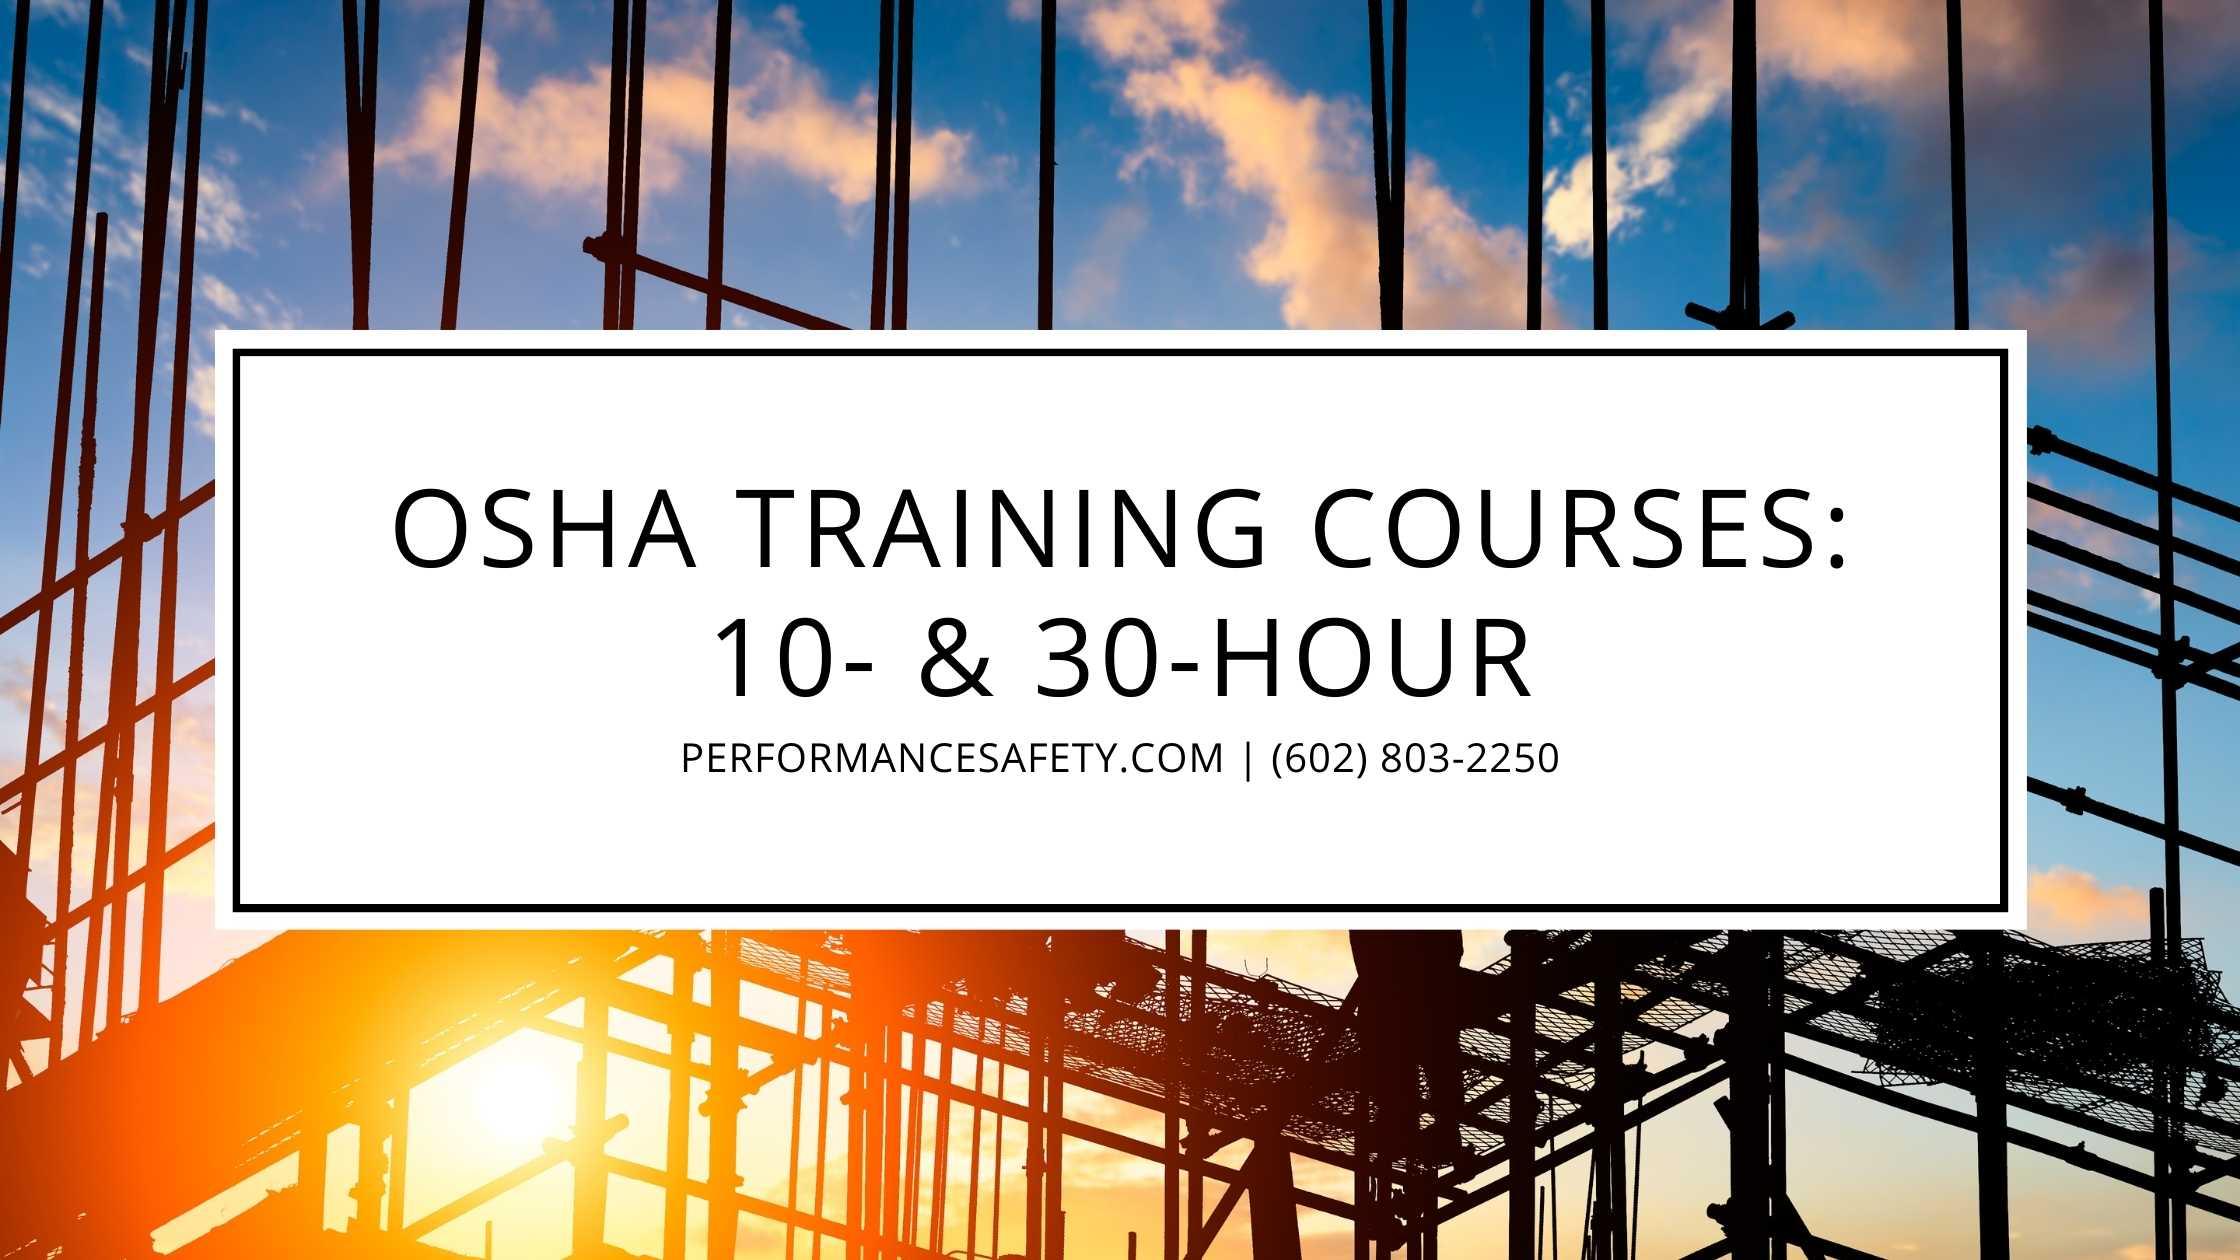 OSHA training courses